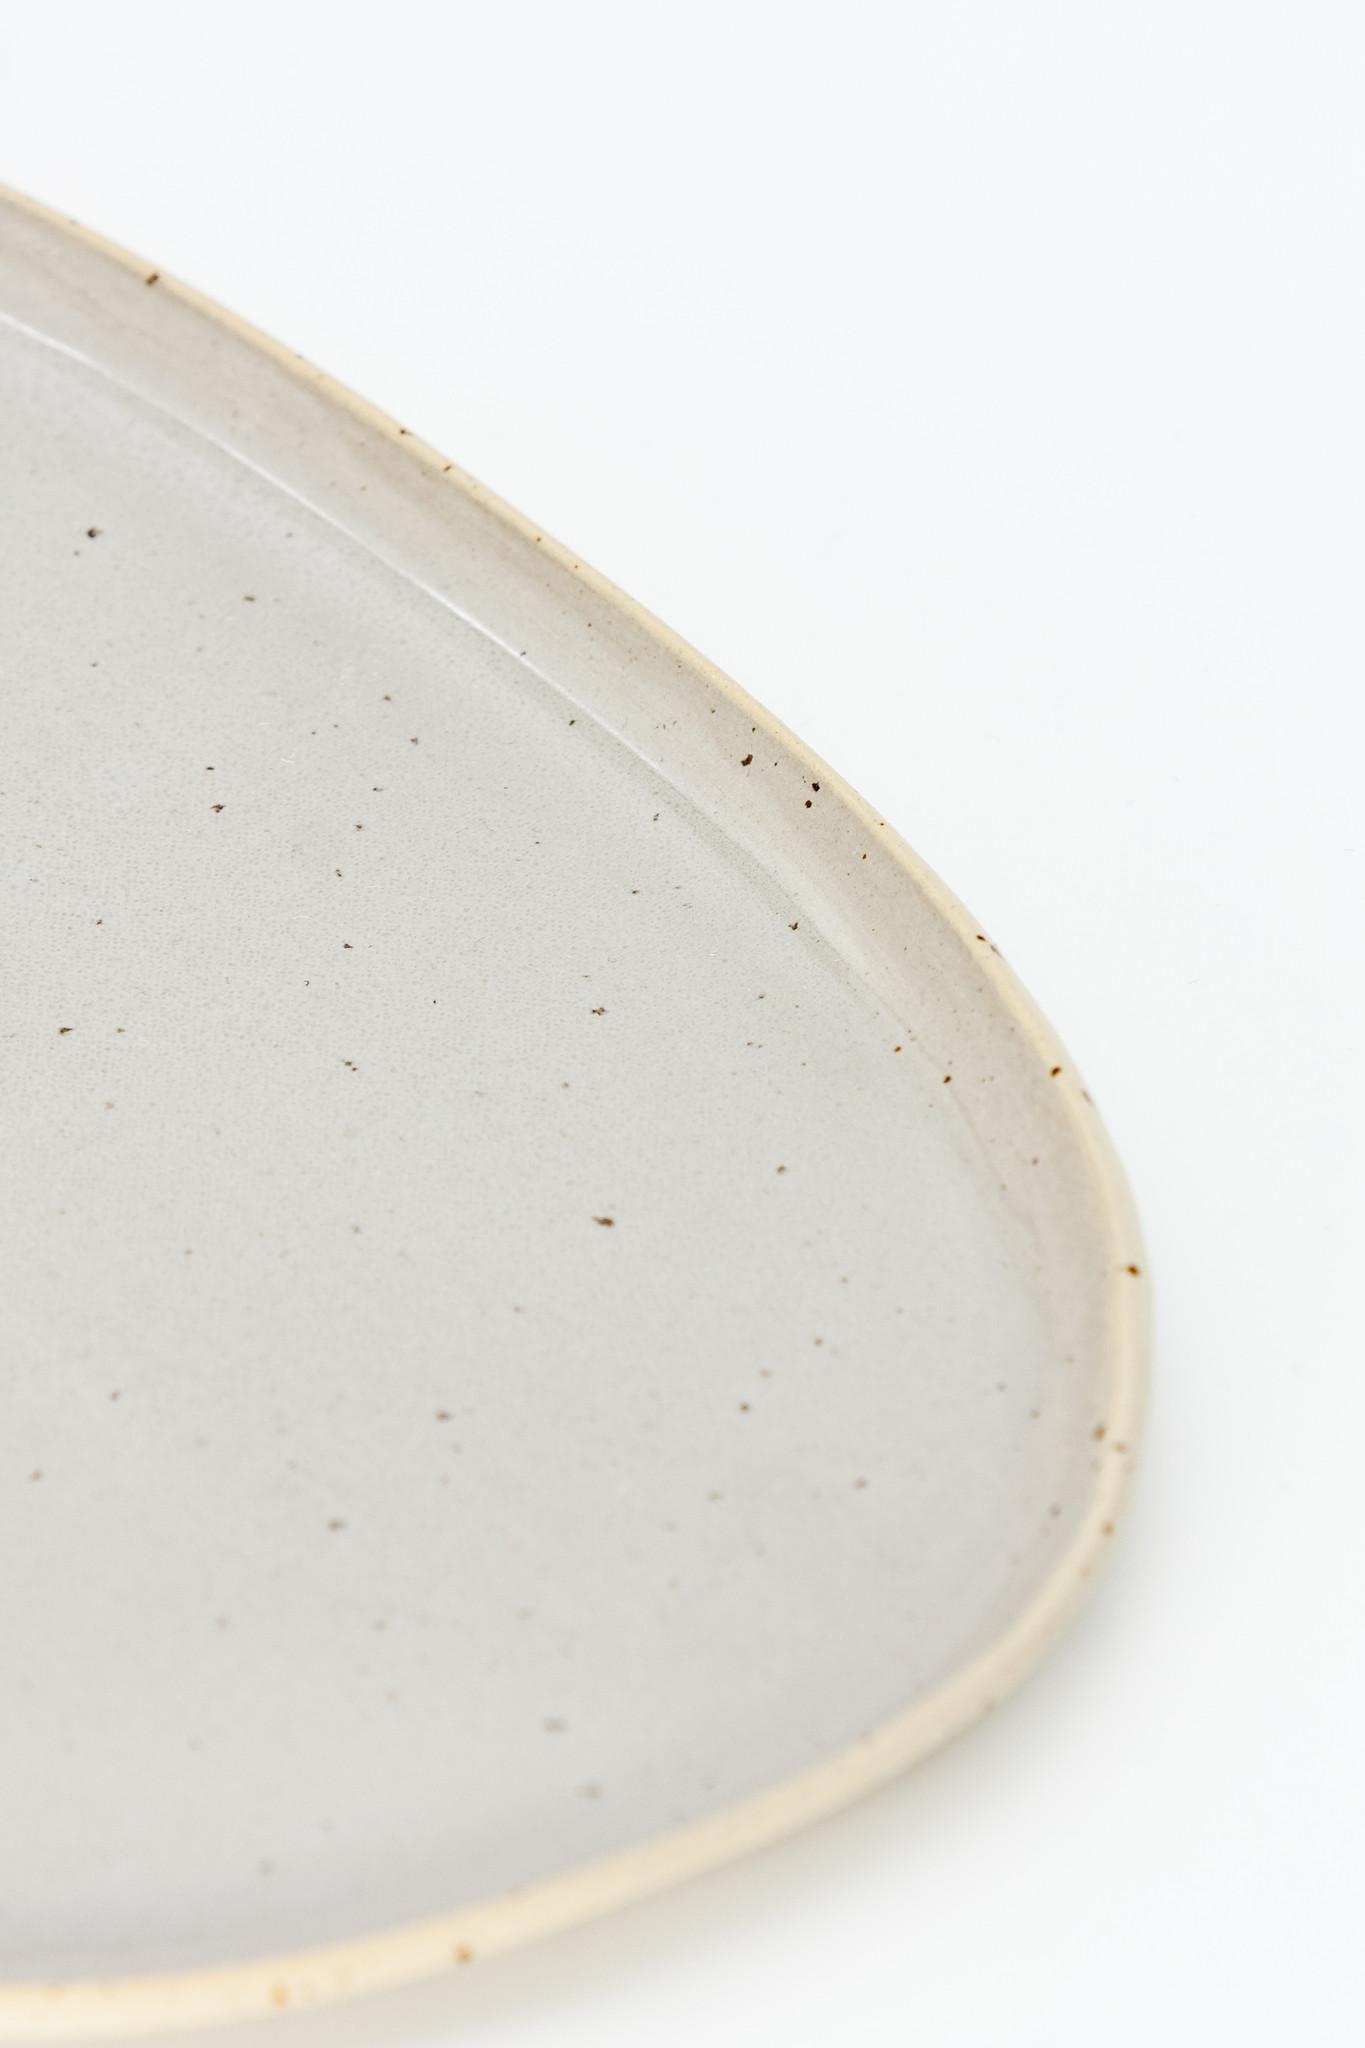 Zestaw małych półmisków SHADES OF GREY - Lui & Clay | JestemSlow.pl